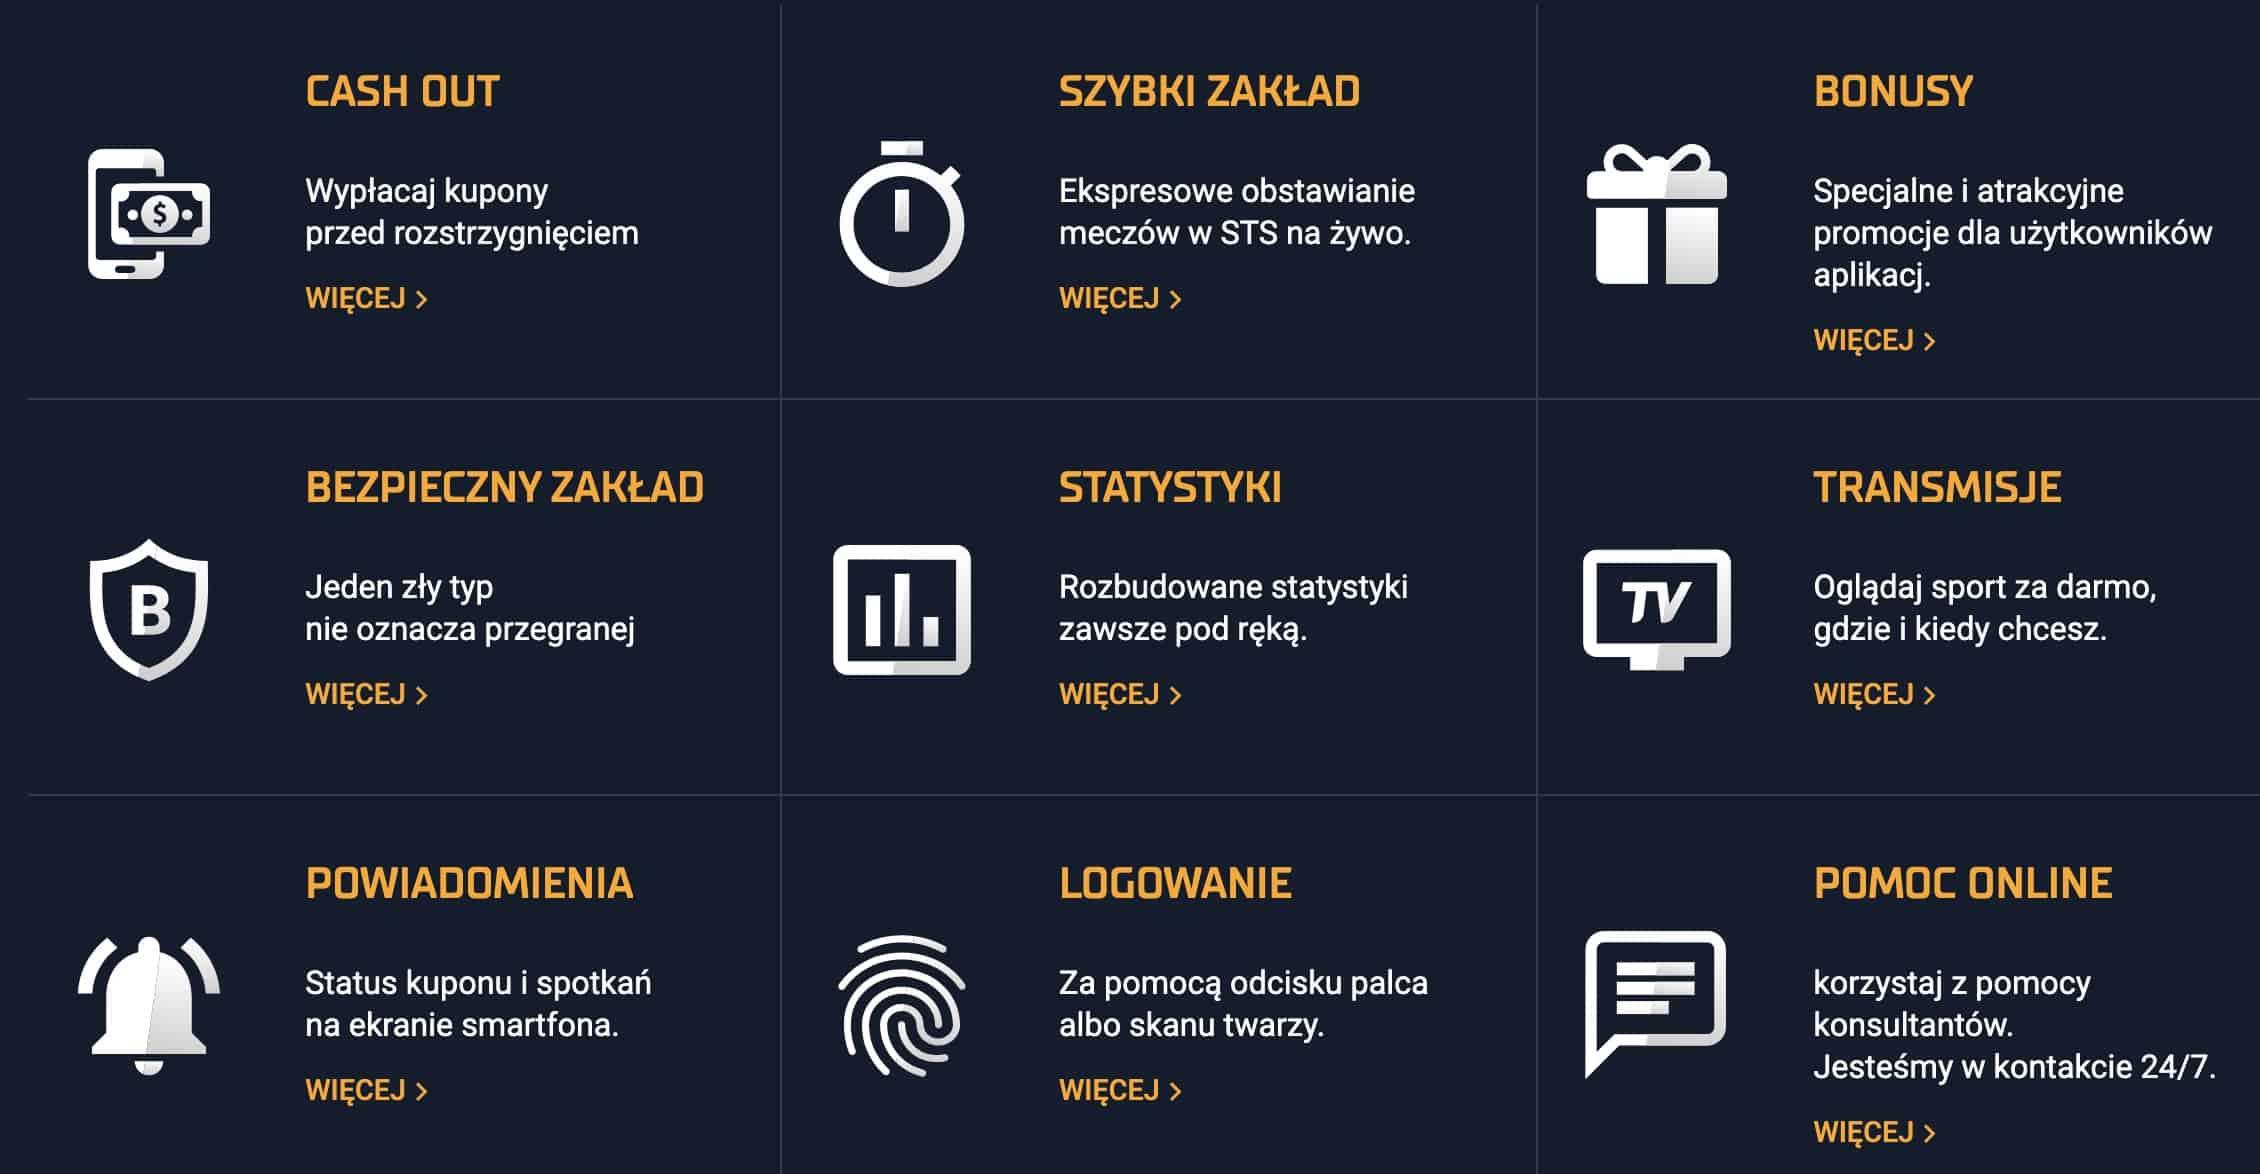 Ranking bukmacherów - aplikacje mobilne